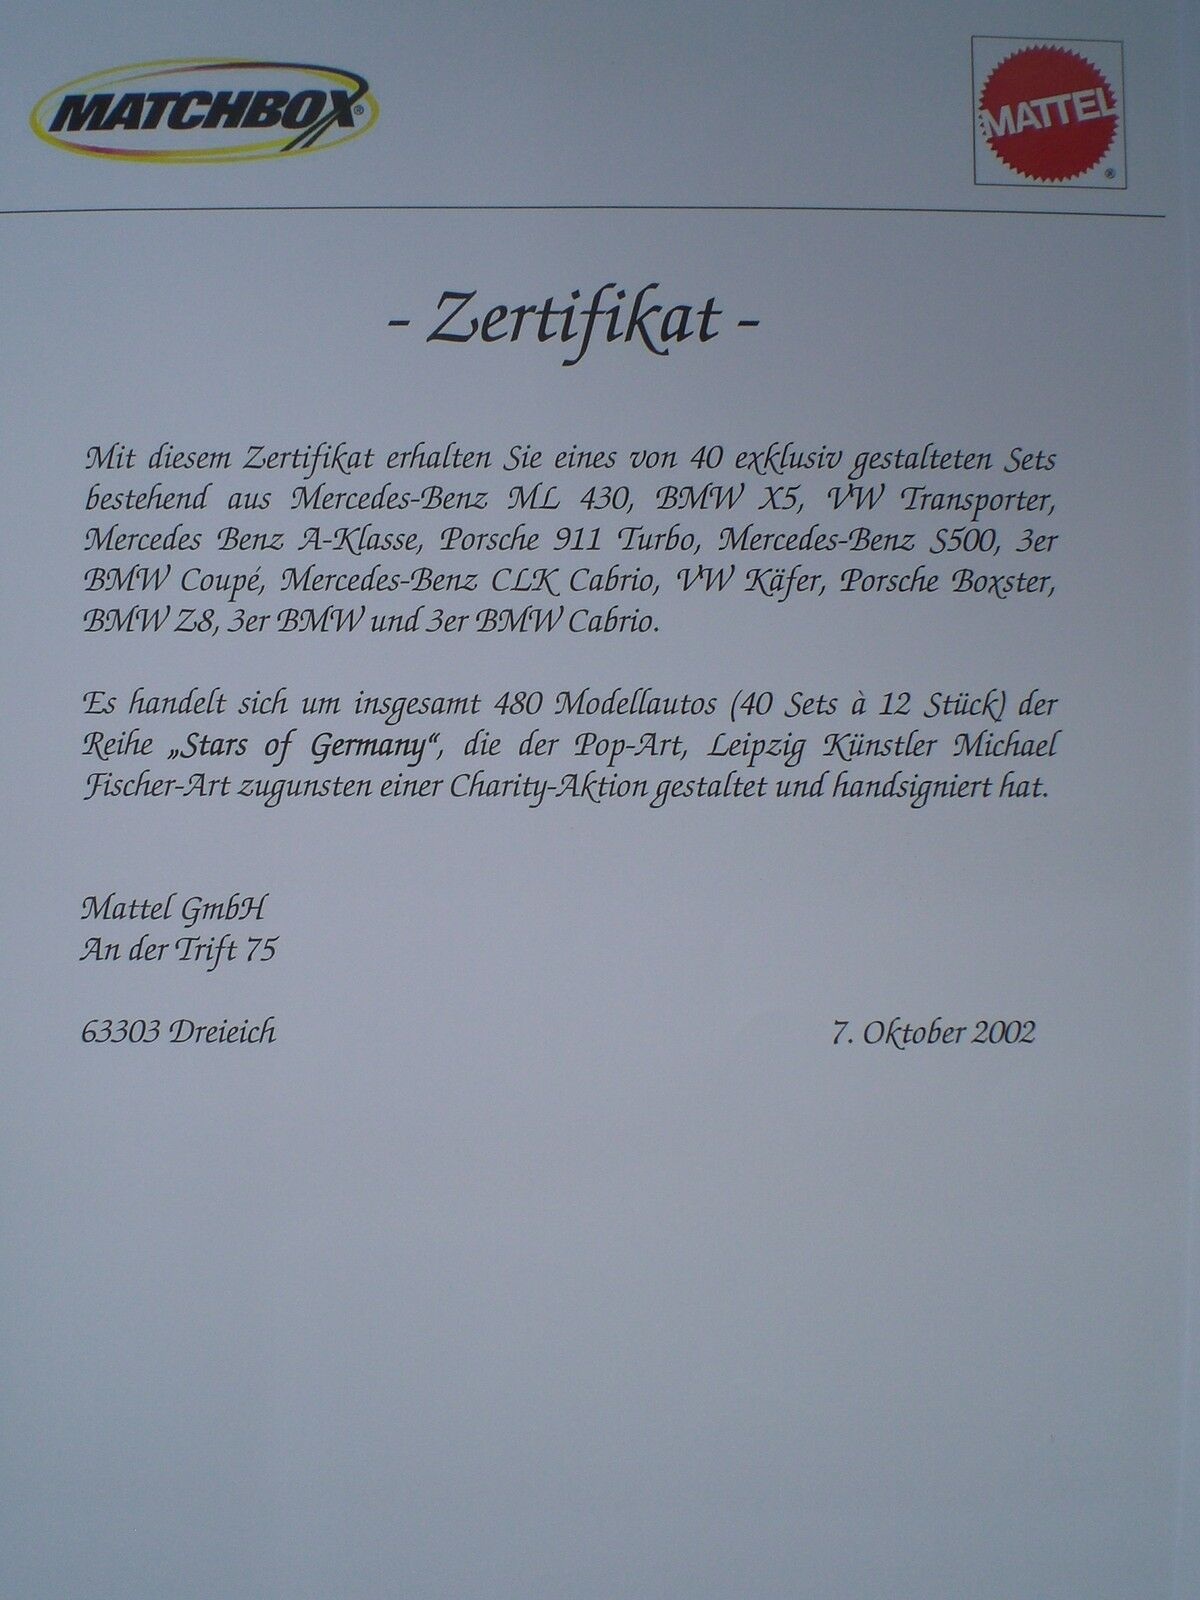 MATCHBOX  LIMITIERT FISCHER-ART-SET  40 BMW 3 SERIES SERIES SERIES CABRIO CODE 1 2002 e4fd8d